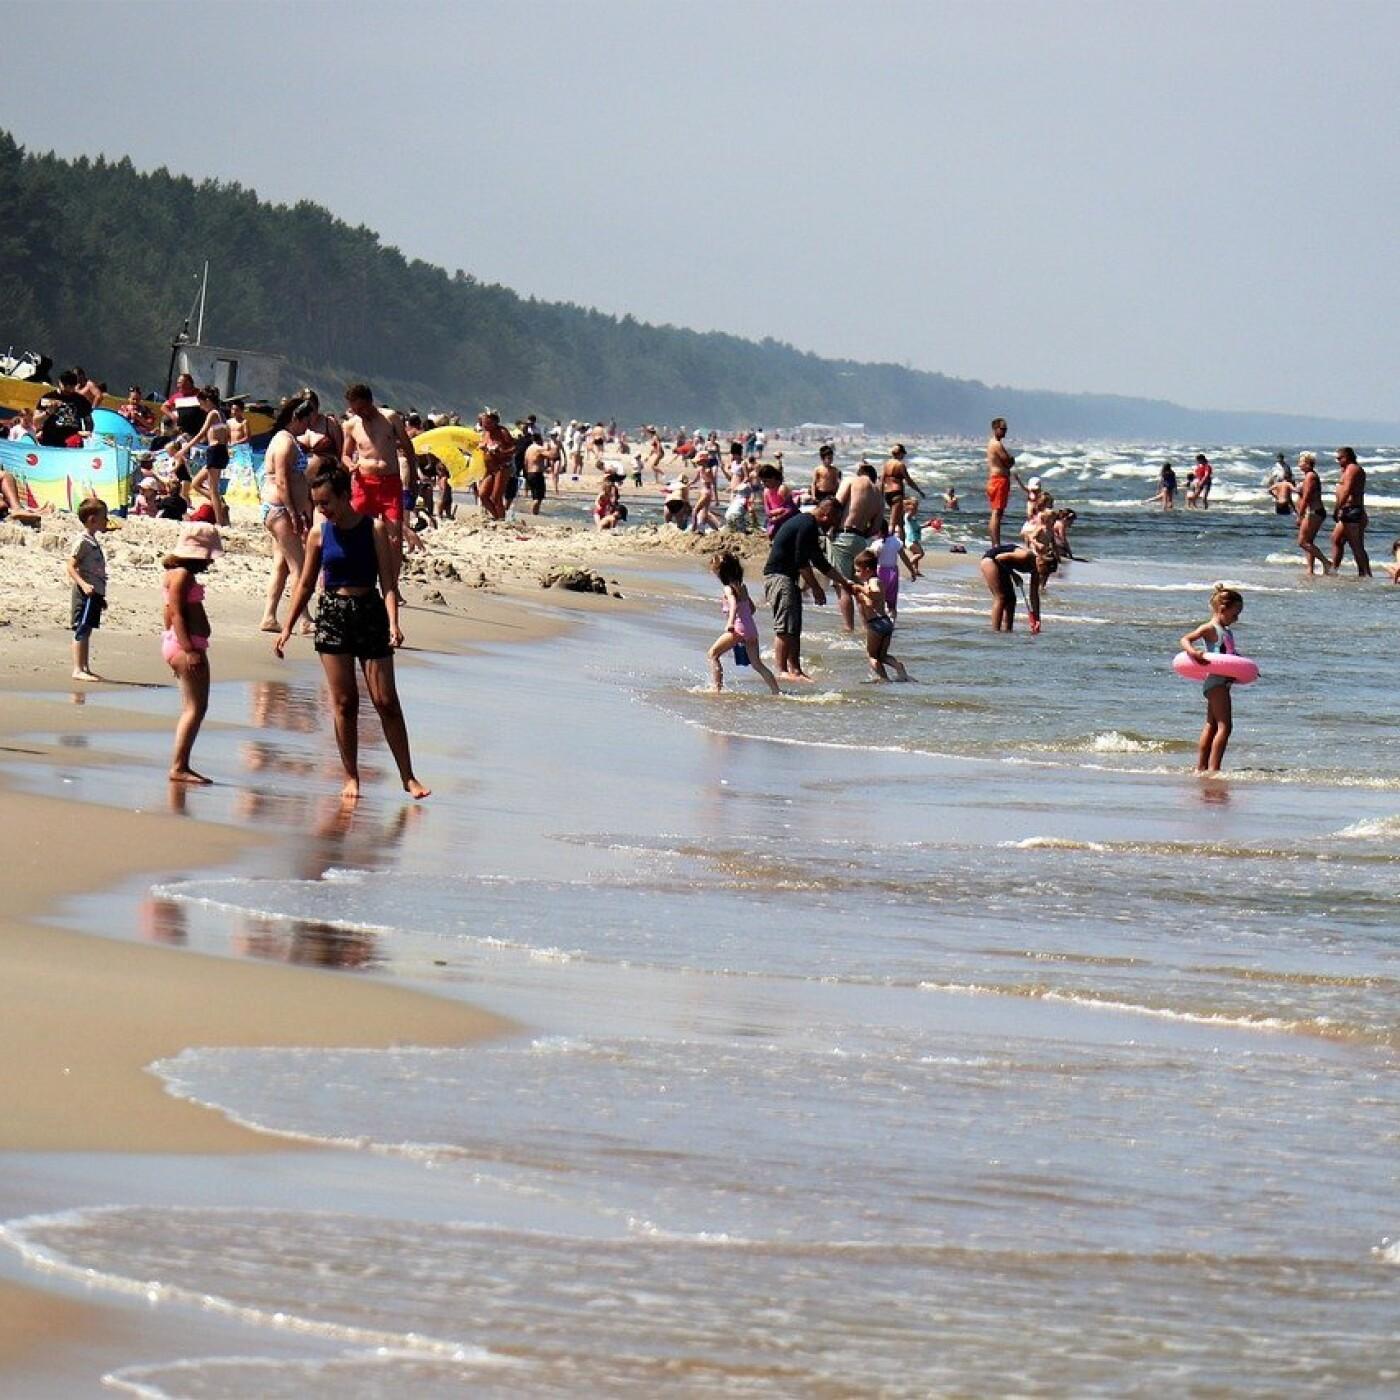 Les choses à NE PAS faire à la plage